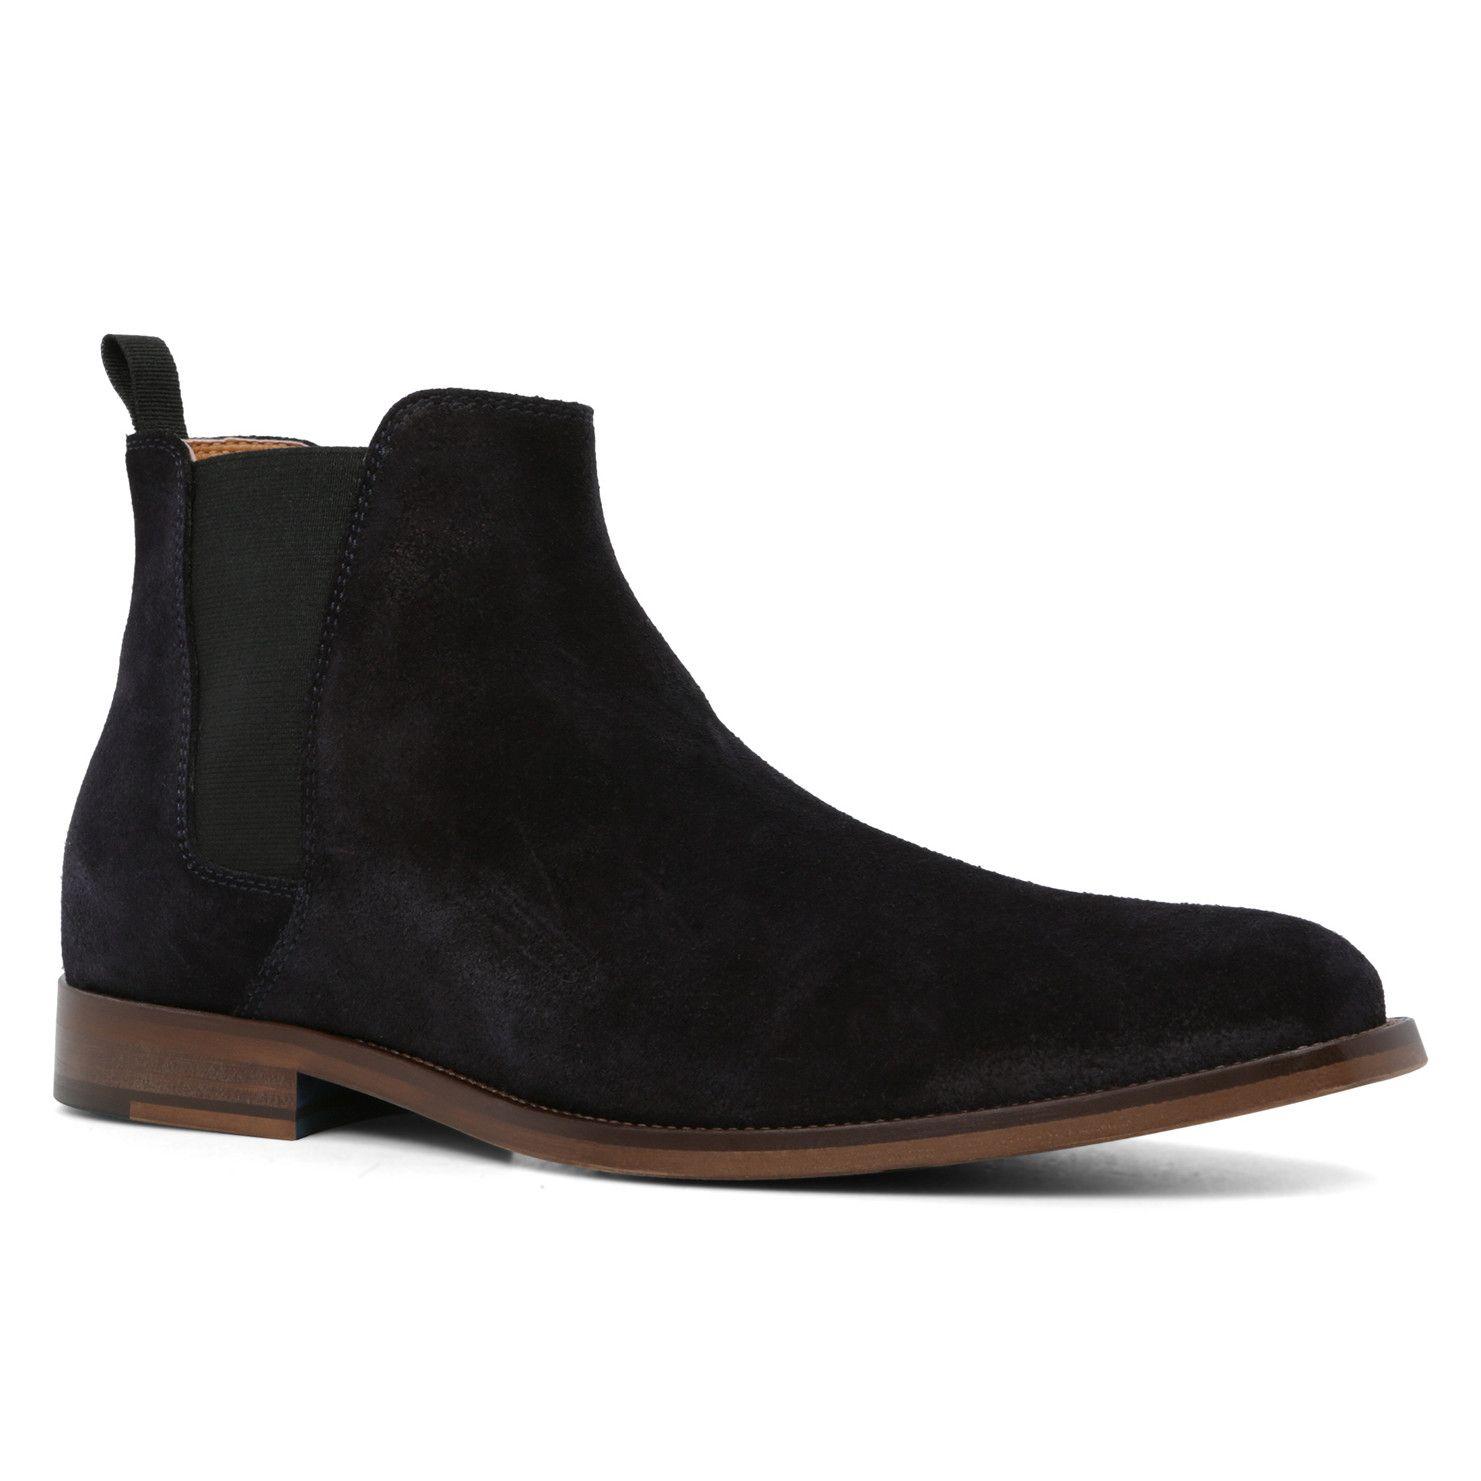 Nordstorm Mens Shoes Boots